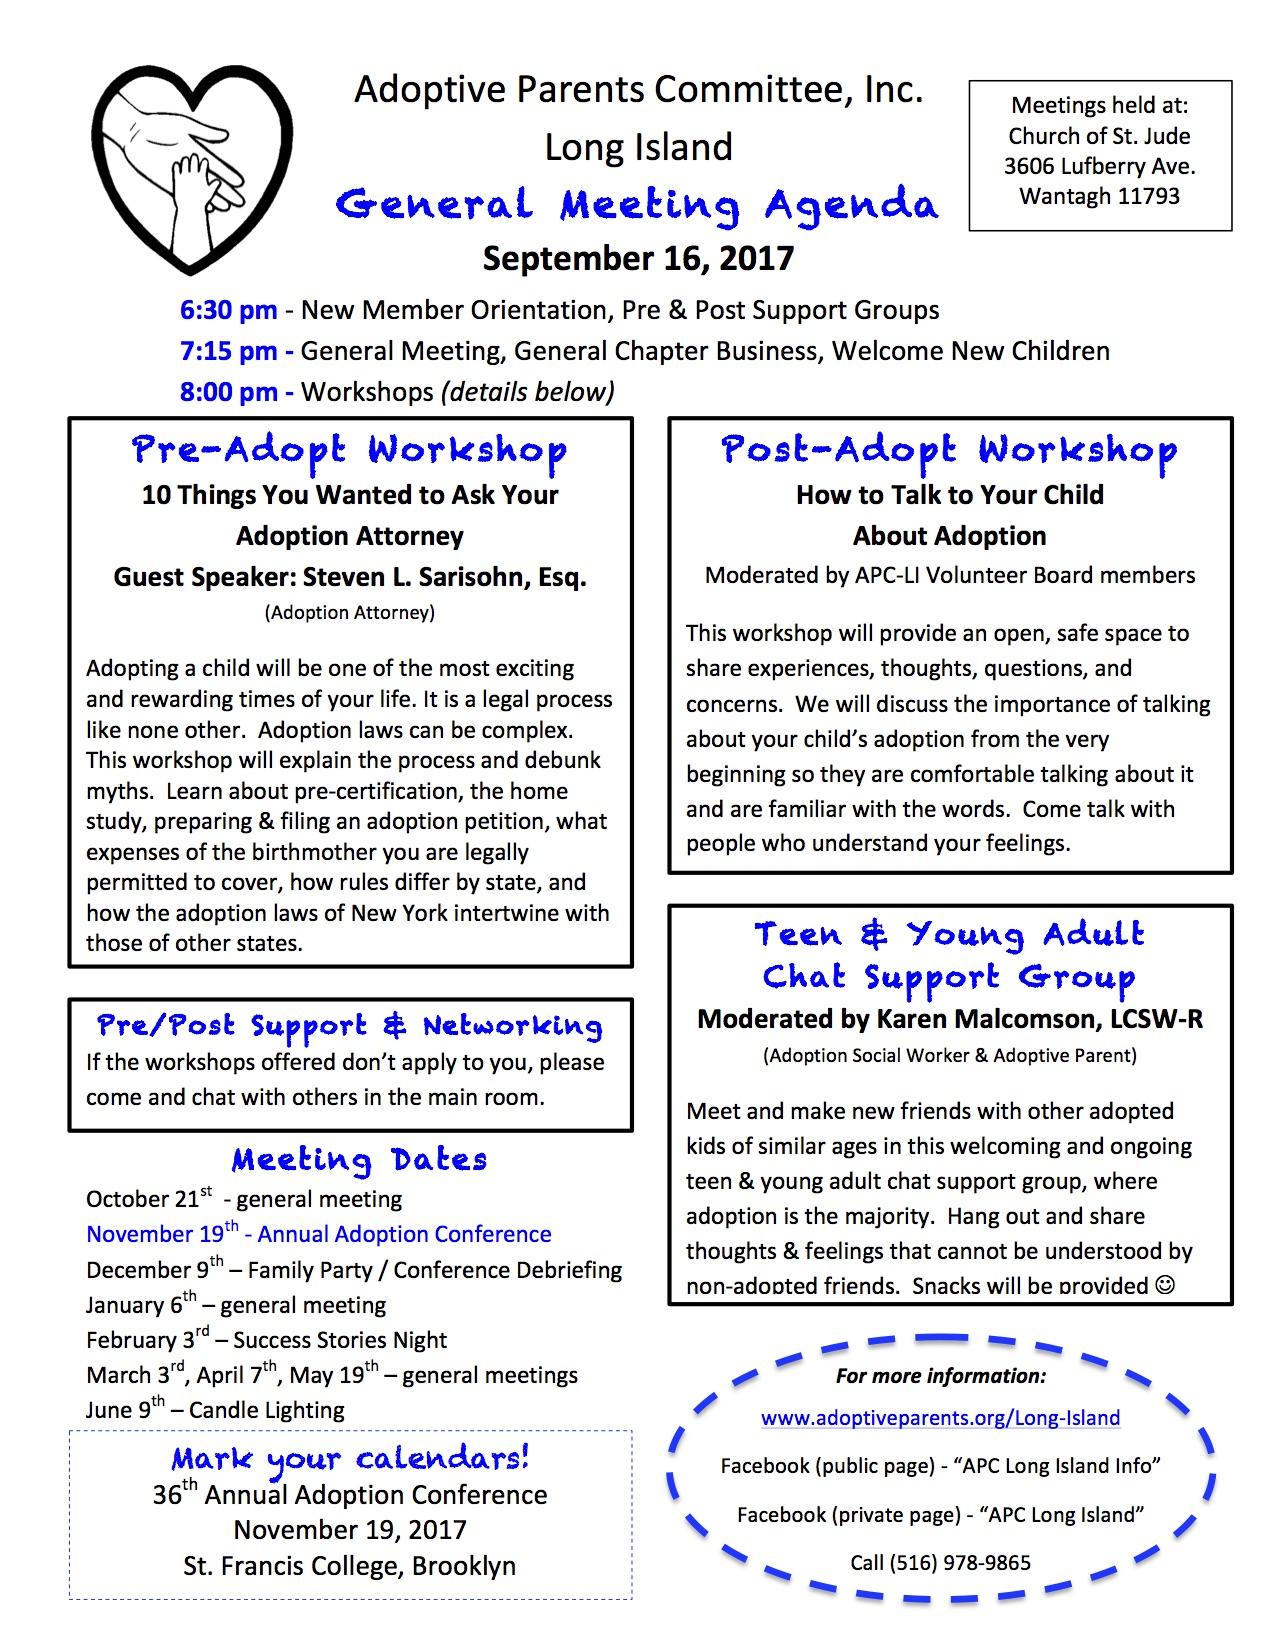 9-2017 agenda.jpg